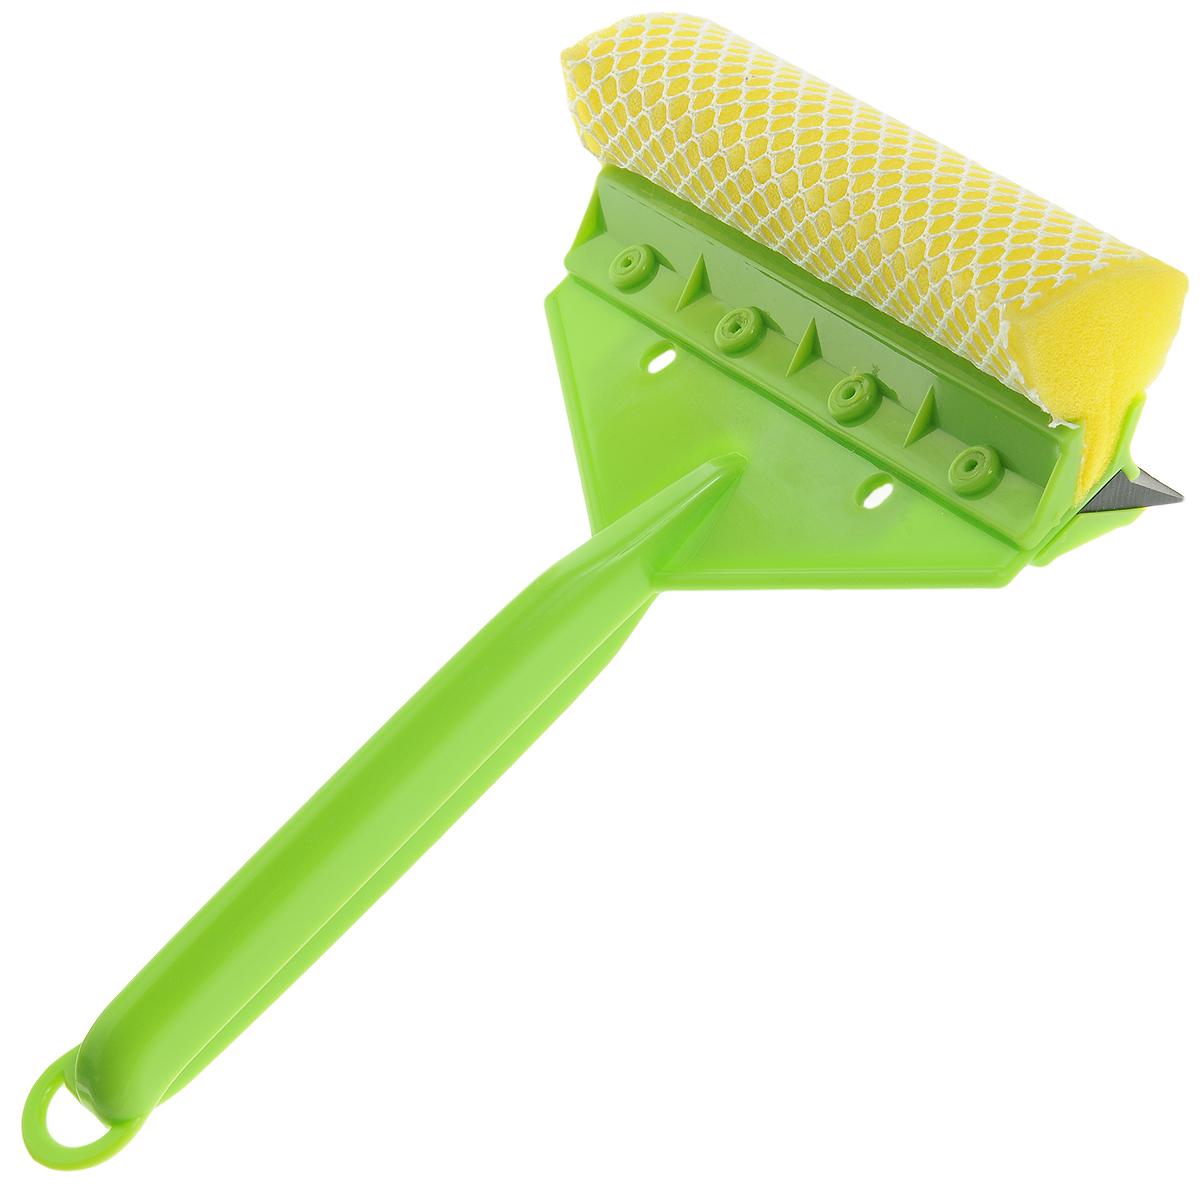 Щетка для мытья стекол Sapfire, с водосгоном, цвет: салатовый, 24 см0924-SFЩетка Sapfire предназначена для мытья стекол. Рукоятка выполнена из морозостойкого пластика. Щетка выполнена из высокоупорного поролона с защитной сеткой для бережной мойки, не повреждая лакокрасочного покрытия автомобиля. Для наиболее удобной работы оснащен резиновым водосгоном. УВАЖАЕМЫЕ КЛИЕНТЫ! Обращаем ваше внимание на ассортимент в цветовом дизайне товара. Поставка осуществляется в зависимости от наличия на складе.